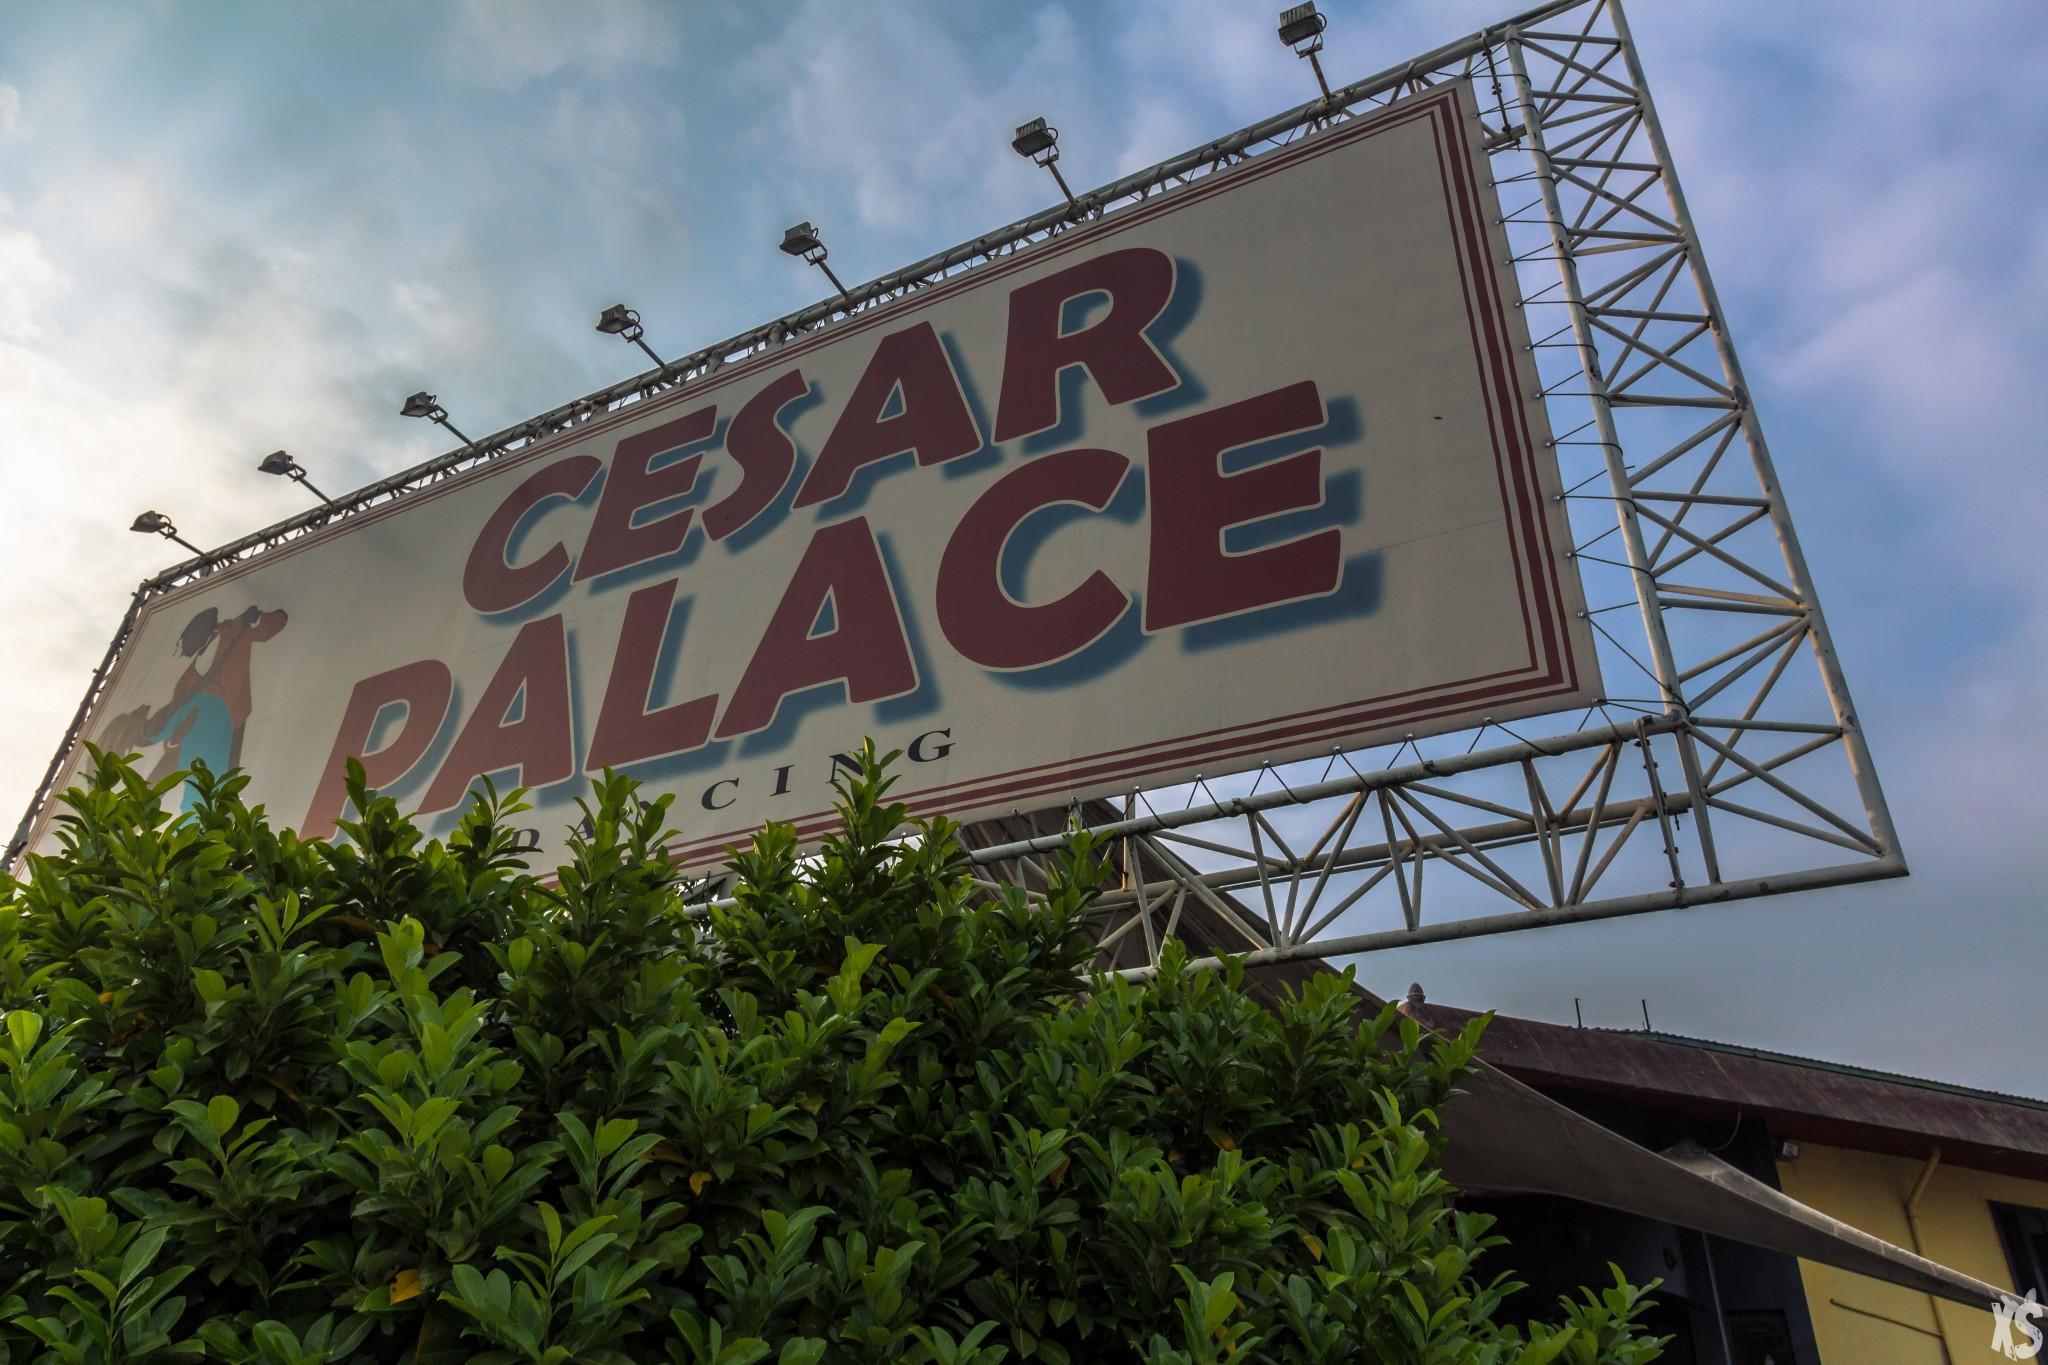 discotheque-cesar-palace-1